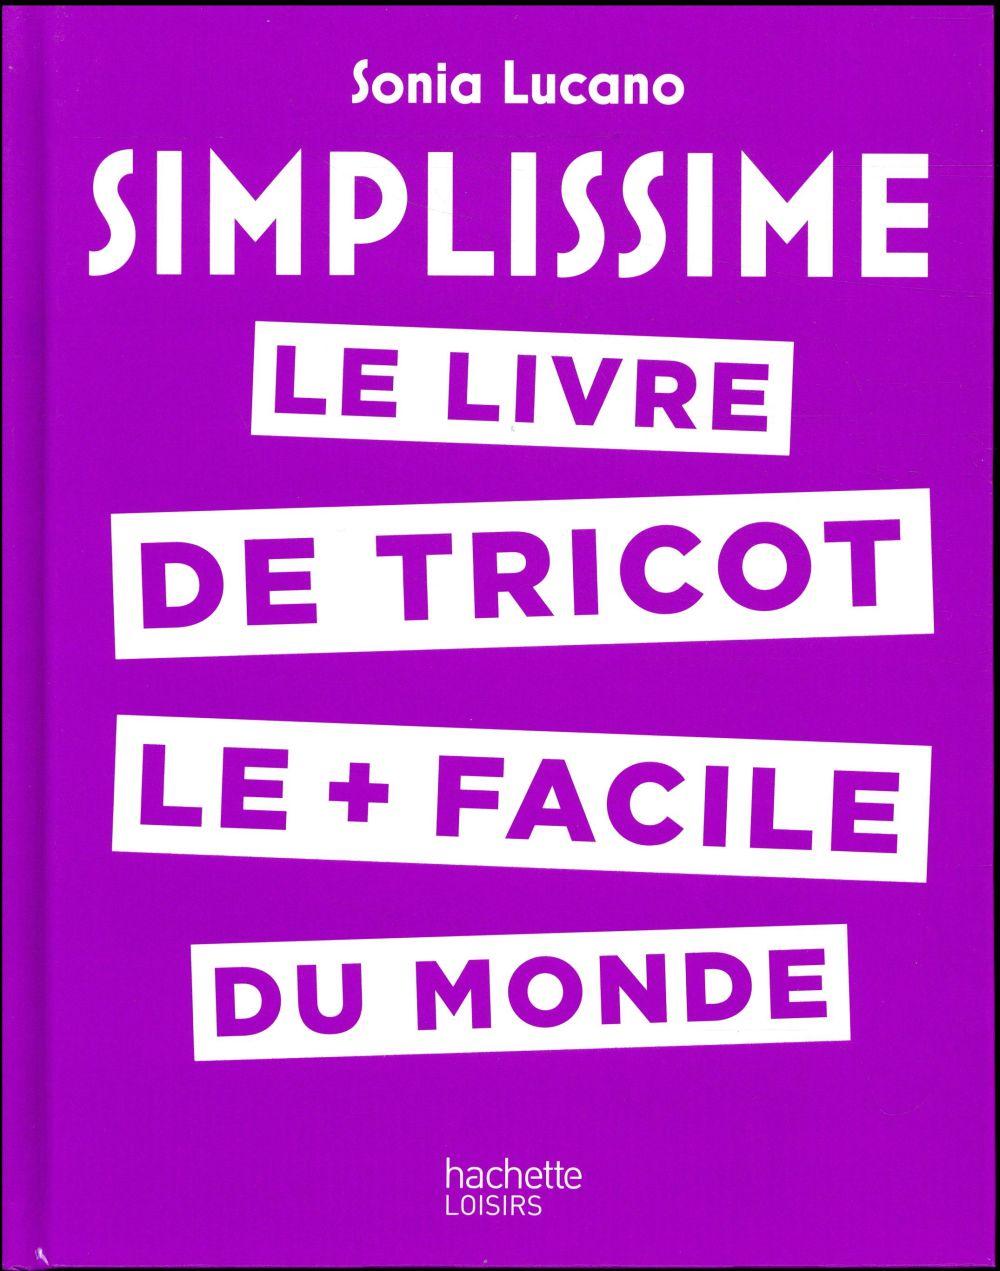 Simplissime ; le livre de tricot le + facile du monde